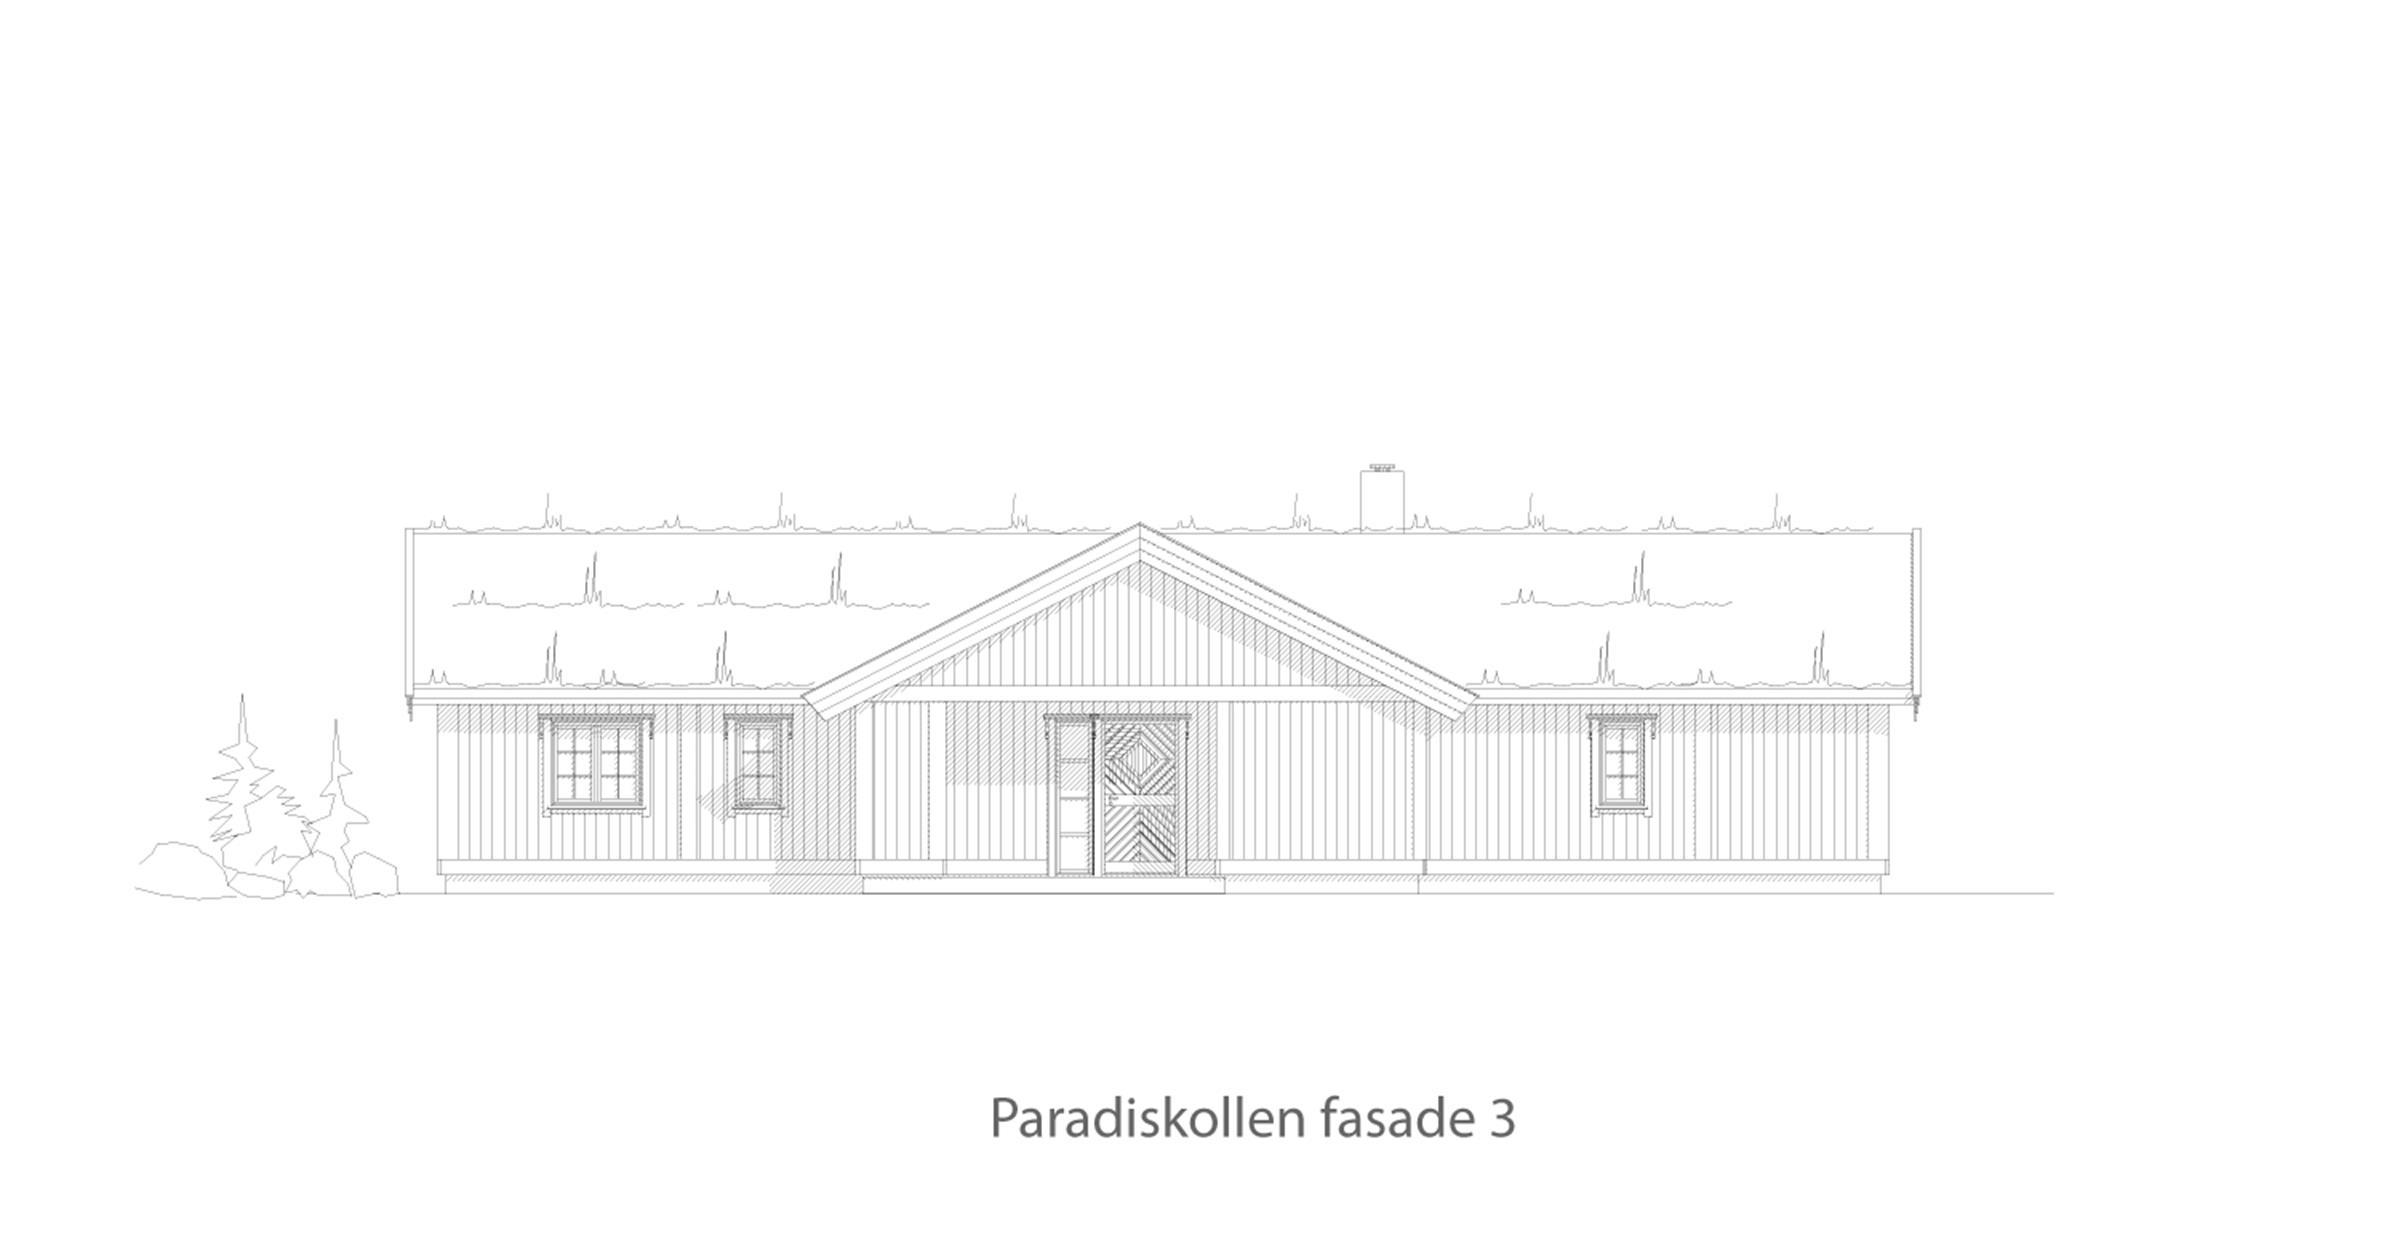 Paradiskollen fasade 3